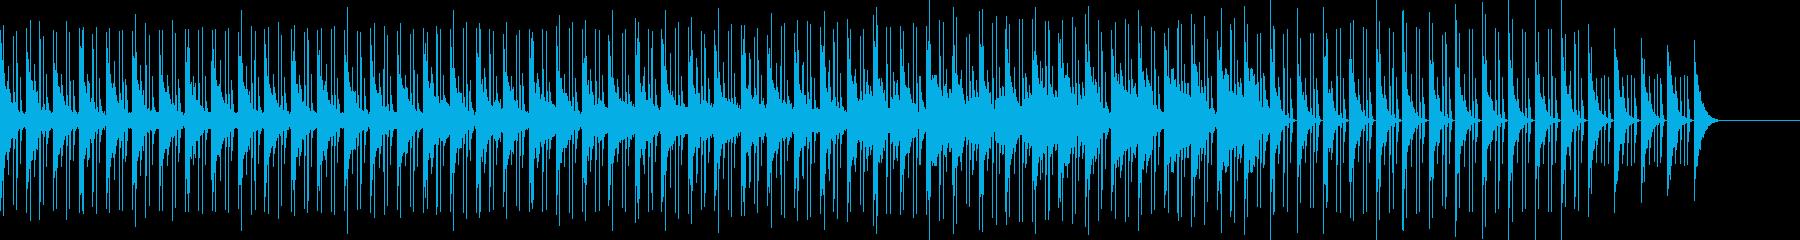 浮遊感のある曲です。不思議な感じのシー…の再生済みの波形